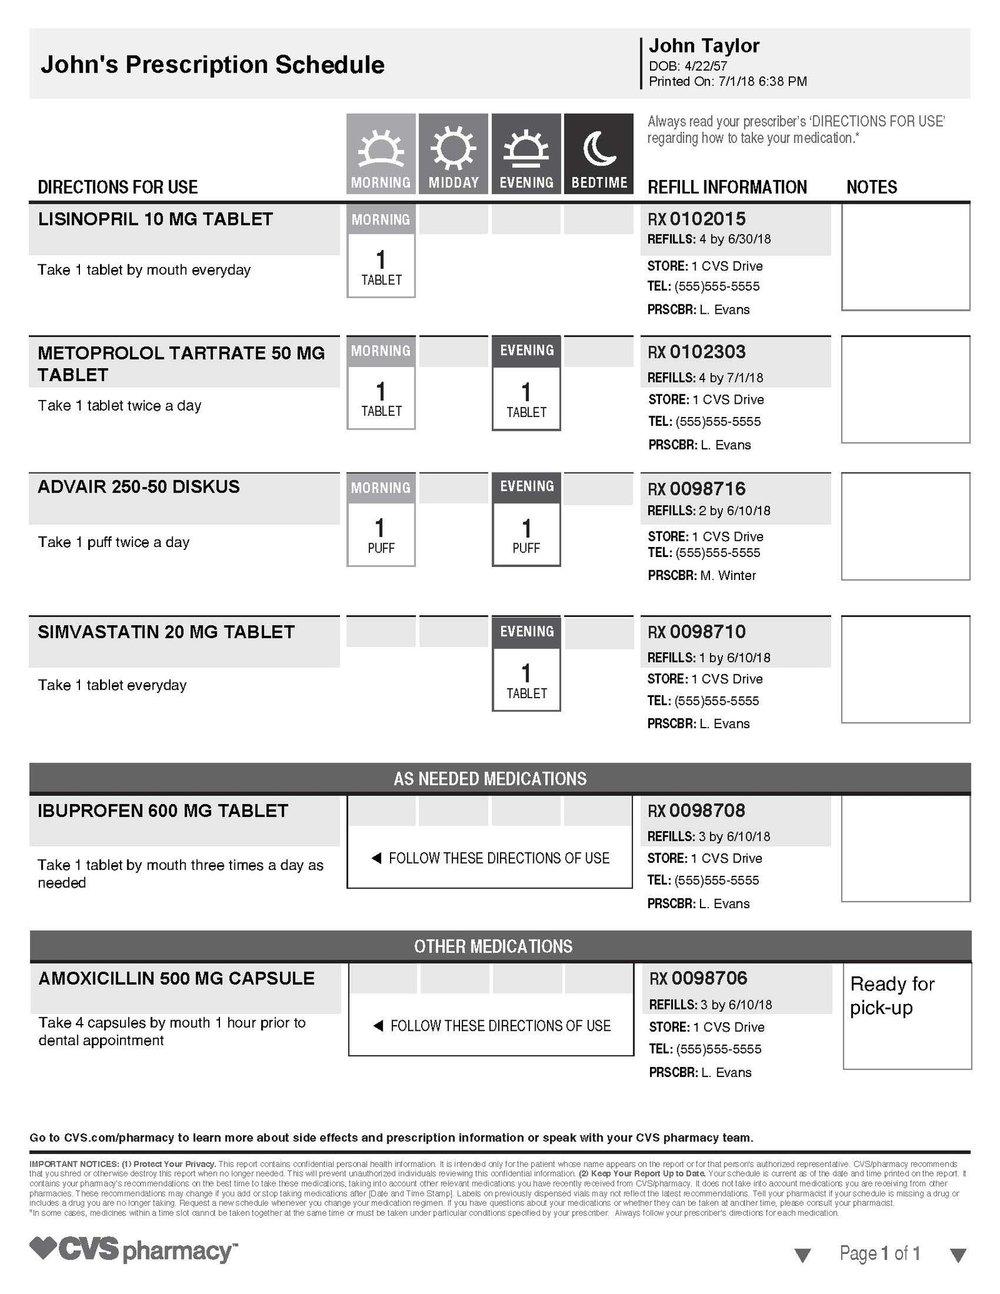 CVS-PrescriptionSchedule